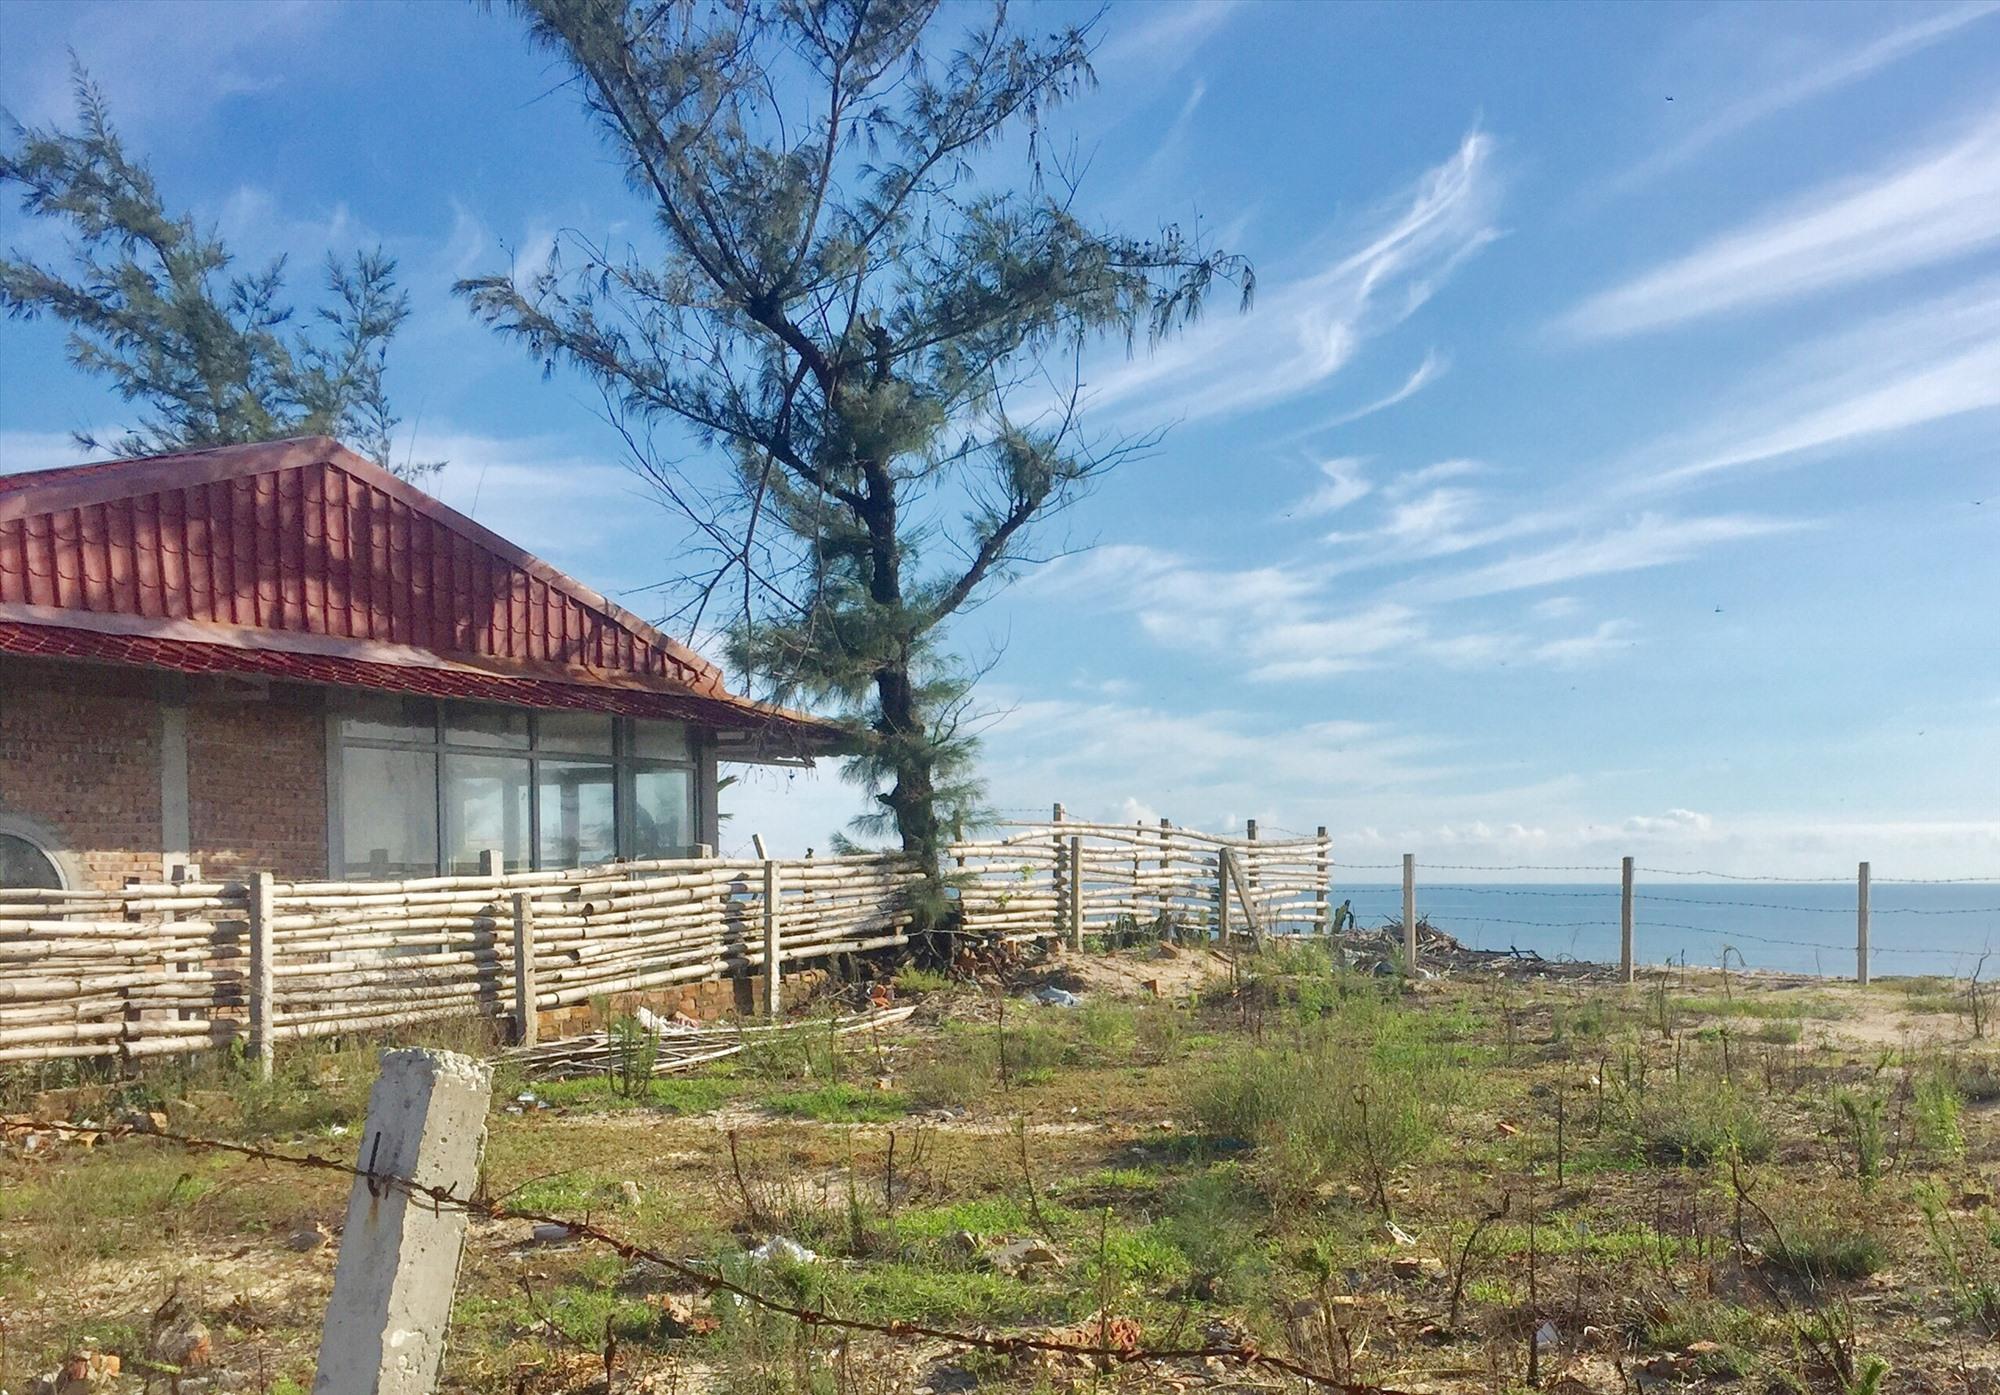 Nhiều thửa đất ven biển khu vực làng bích họa (xã Tam Thanh, TP.Tam Kỳ) đã được chuyển nhượng, nhưng người mua không có nhu cầu xây dựng mà chỉ chờ bán lại. Ảnh: T.Minh